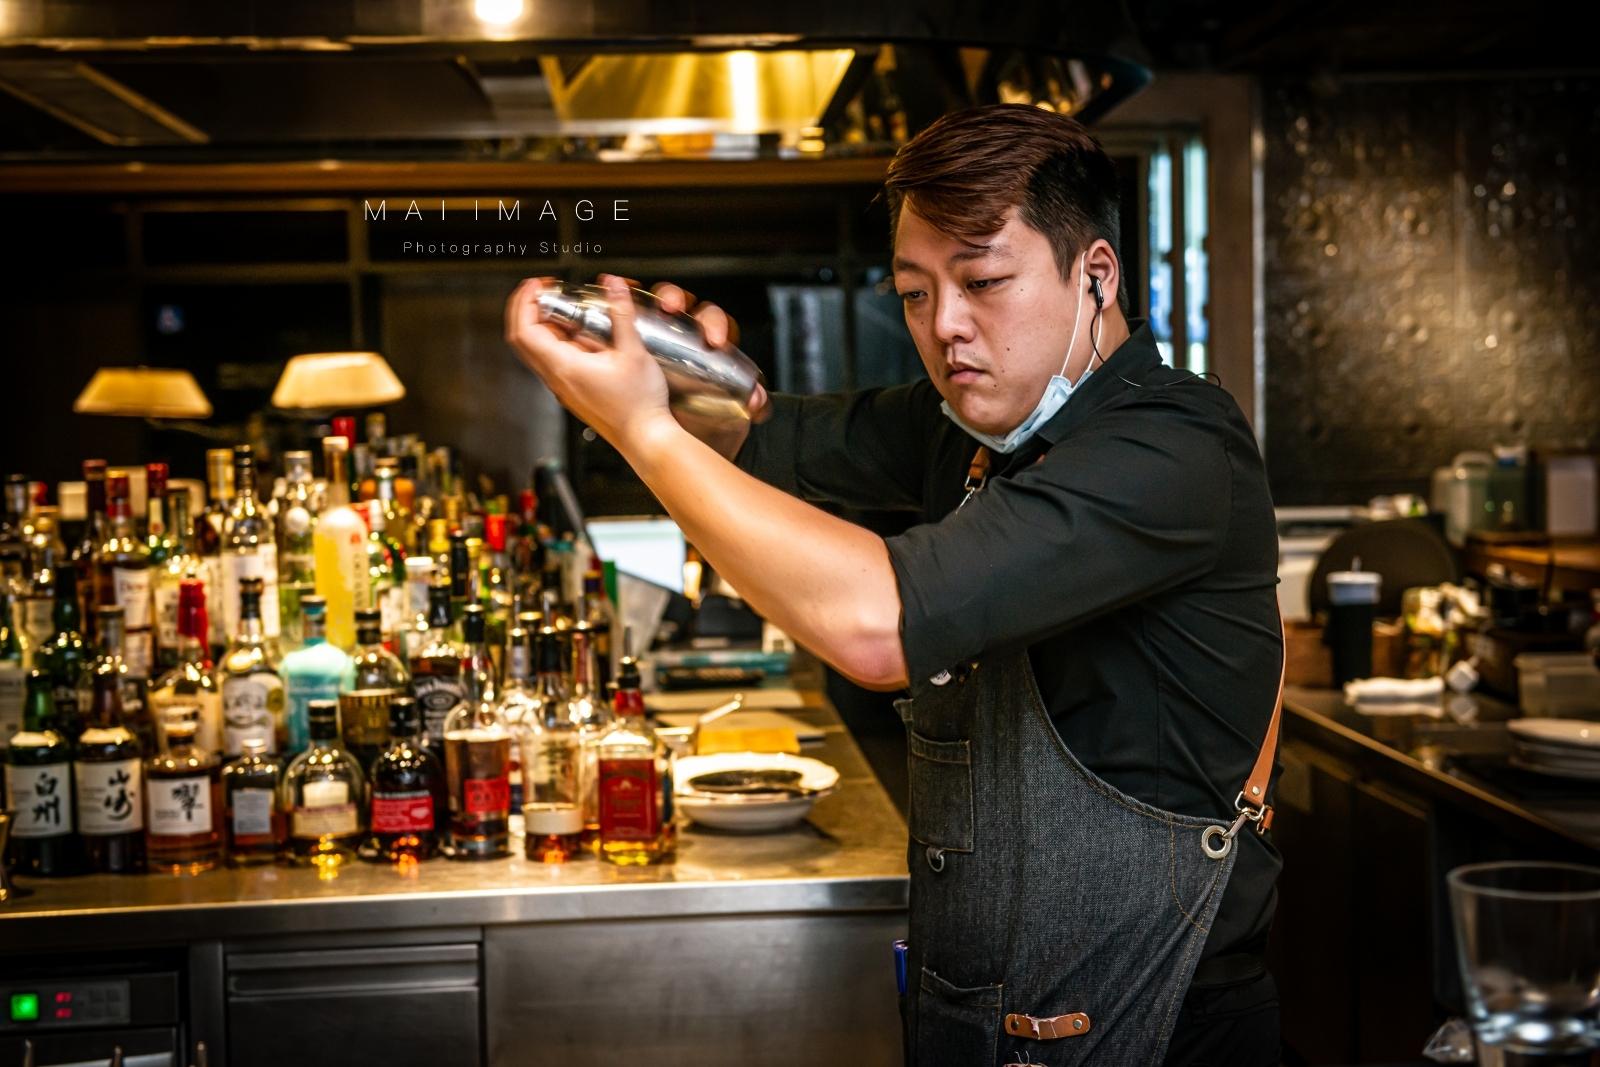 小巨蛋酒吧推薦 『333 restaurant & bar』|下班後的微醺就選這。小巨蛋旁的HOTEL QUOTE闊旅館|捷運小巨蛋站深夜食堂